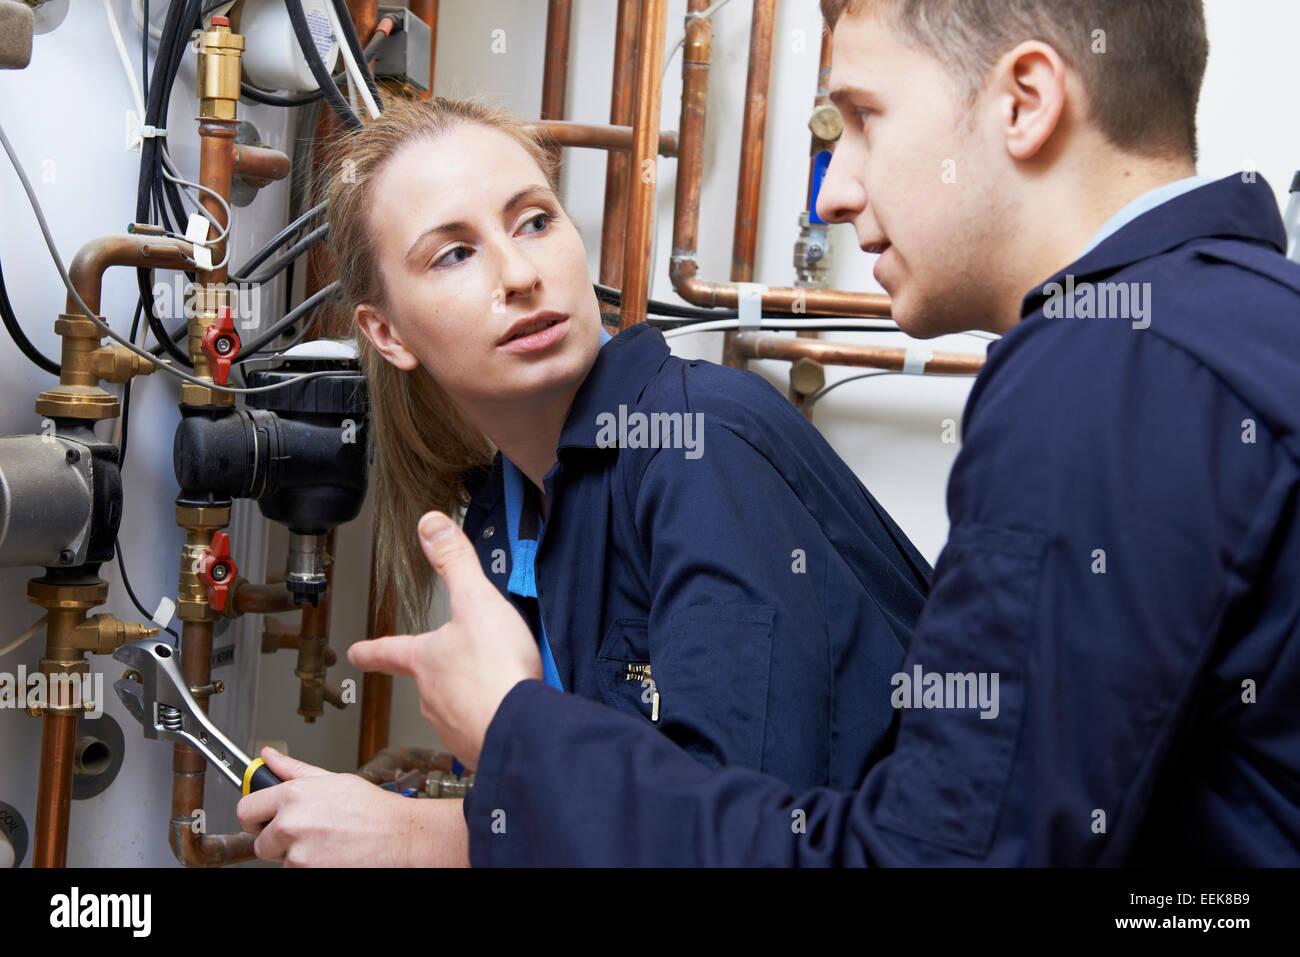 Hembra de Plomero Aprendiz trabajando en caldera de calefacción central Imagen De Stock